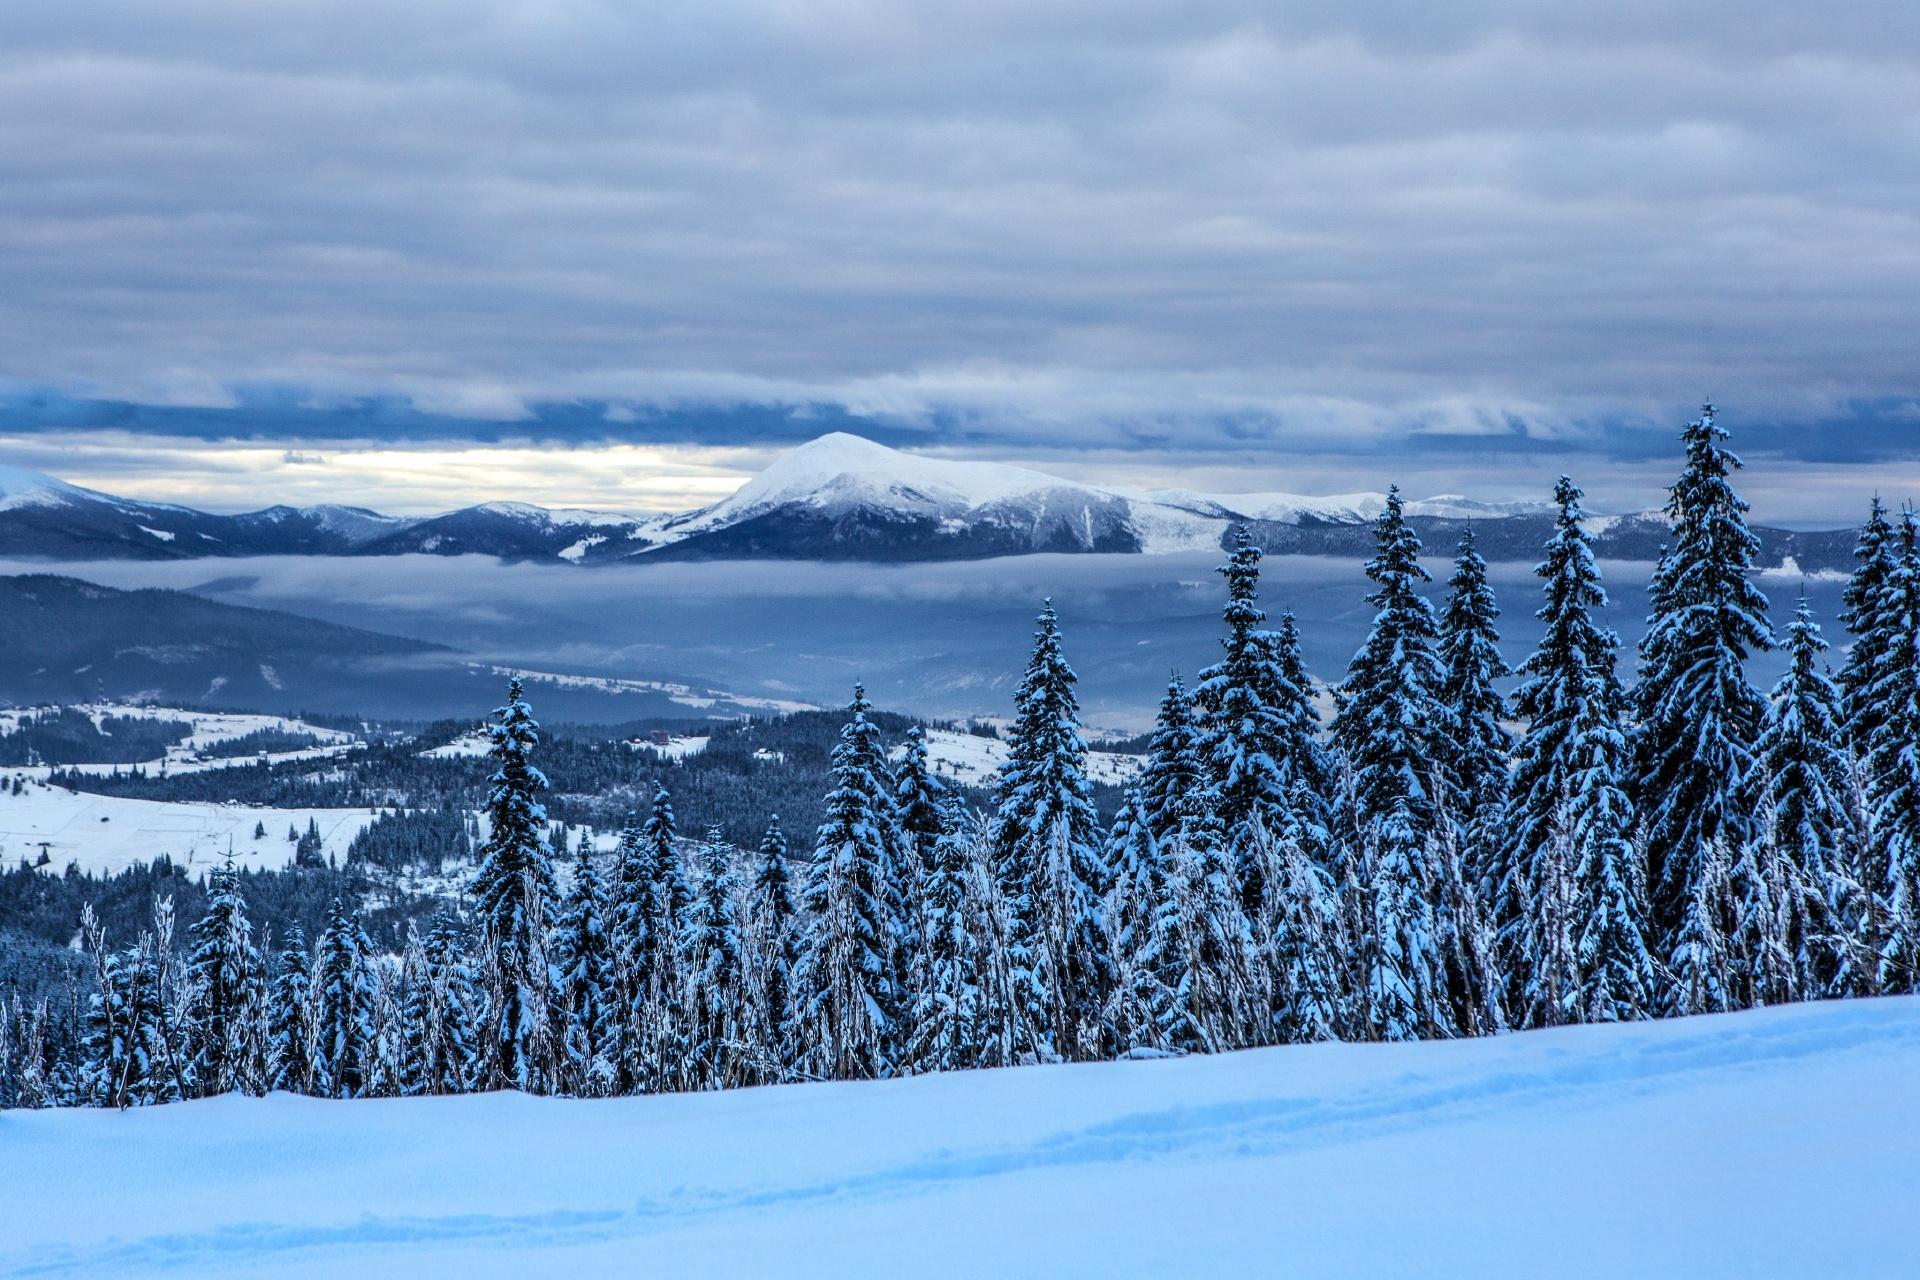 冬のカルパチア山脈の風景 ウクライナの風景